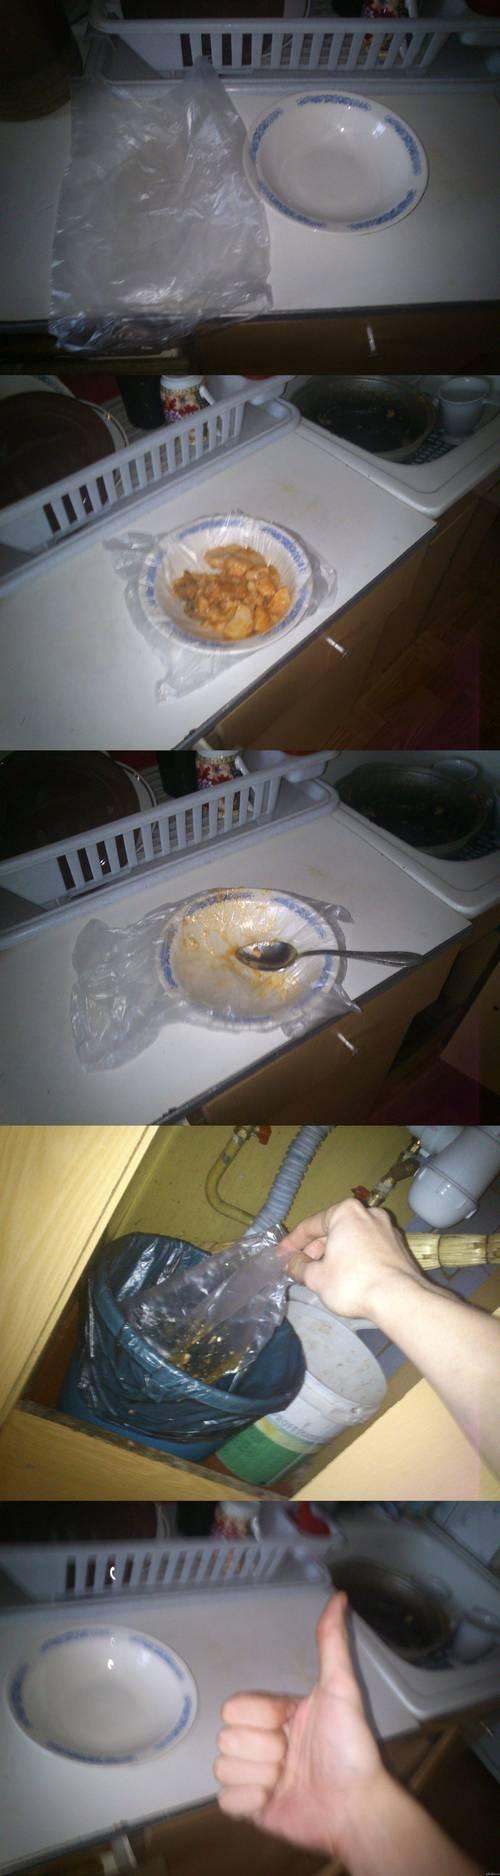 Astuce de célib pour éviter de faire la vaisselle #fail